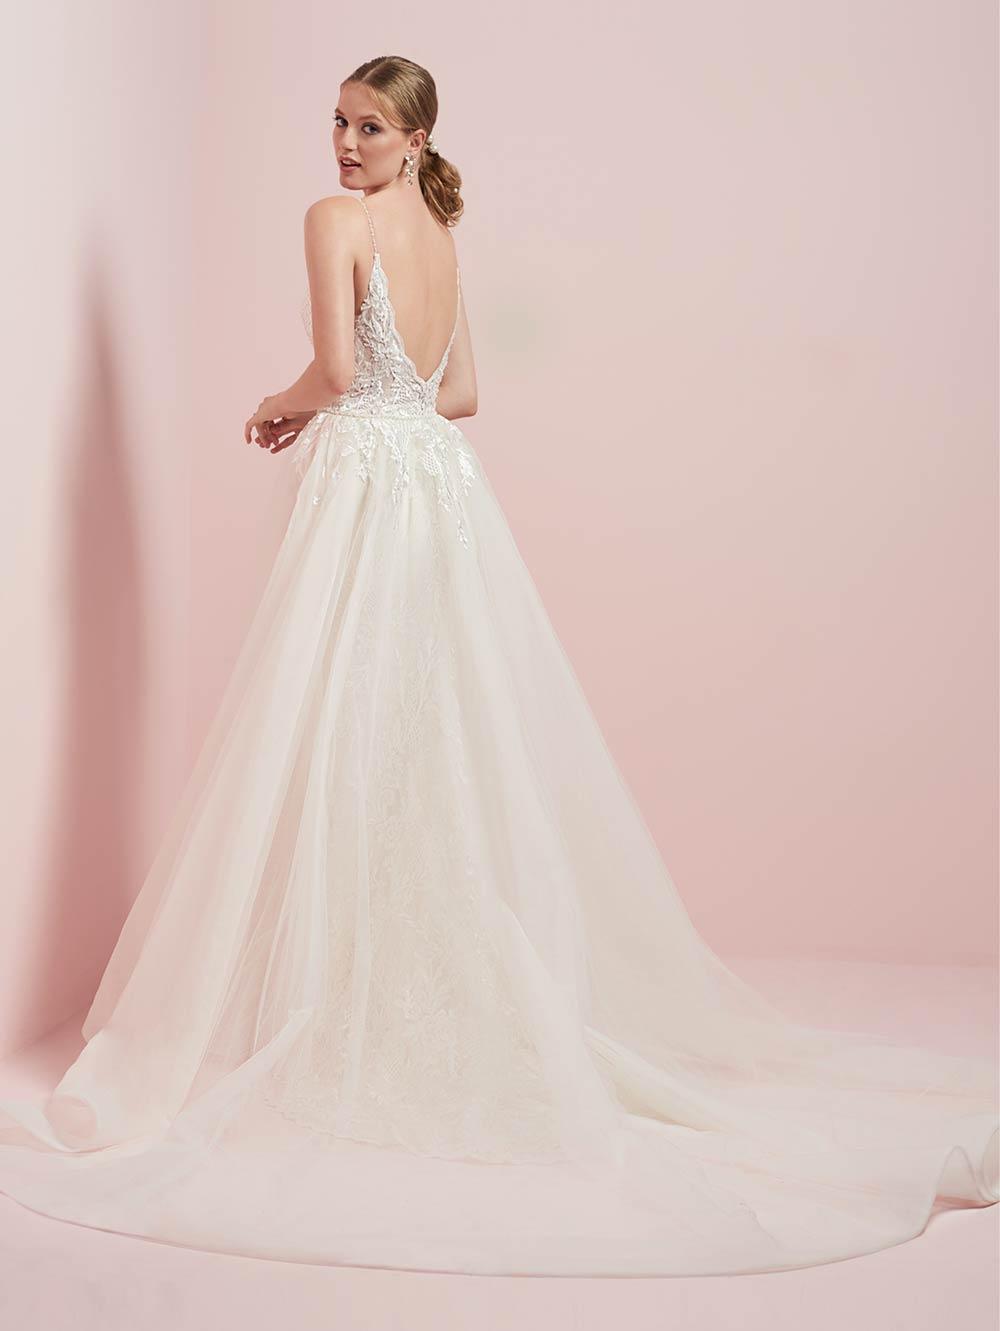 bridal-gowns-jacquelin-bridals-canada-27615